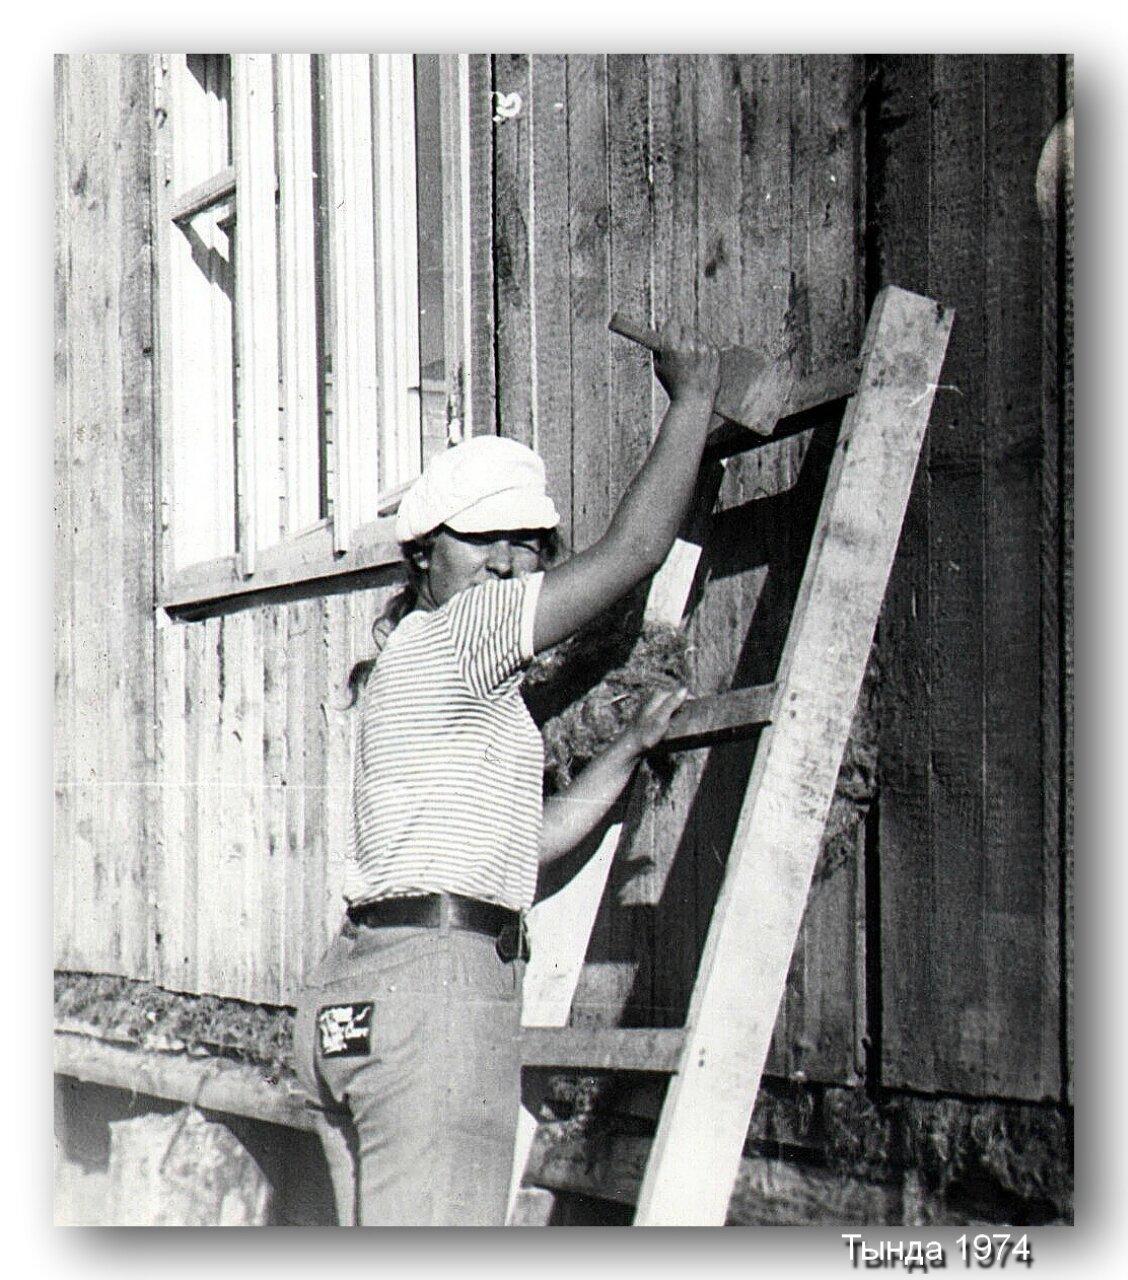 09. Лето 1974 года. Студенческий Строительный Отряд Гелиос